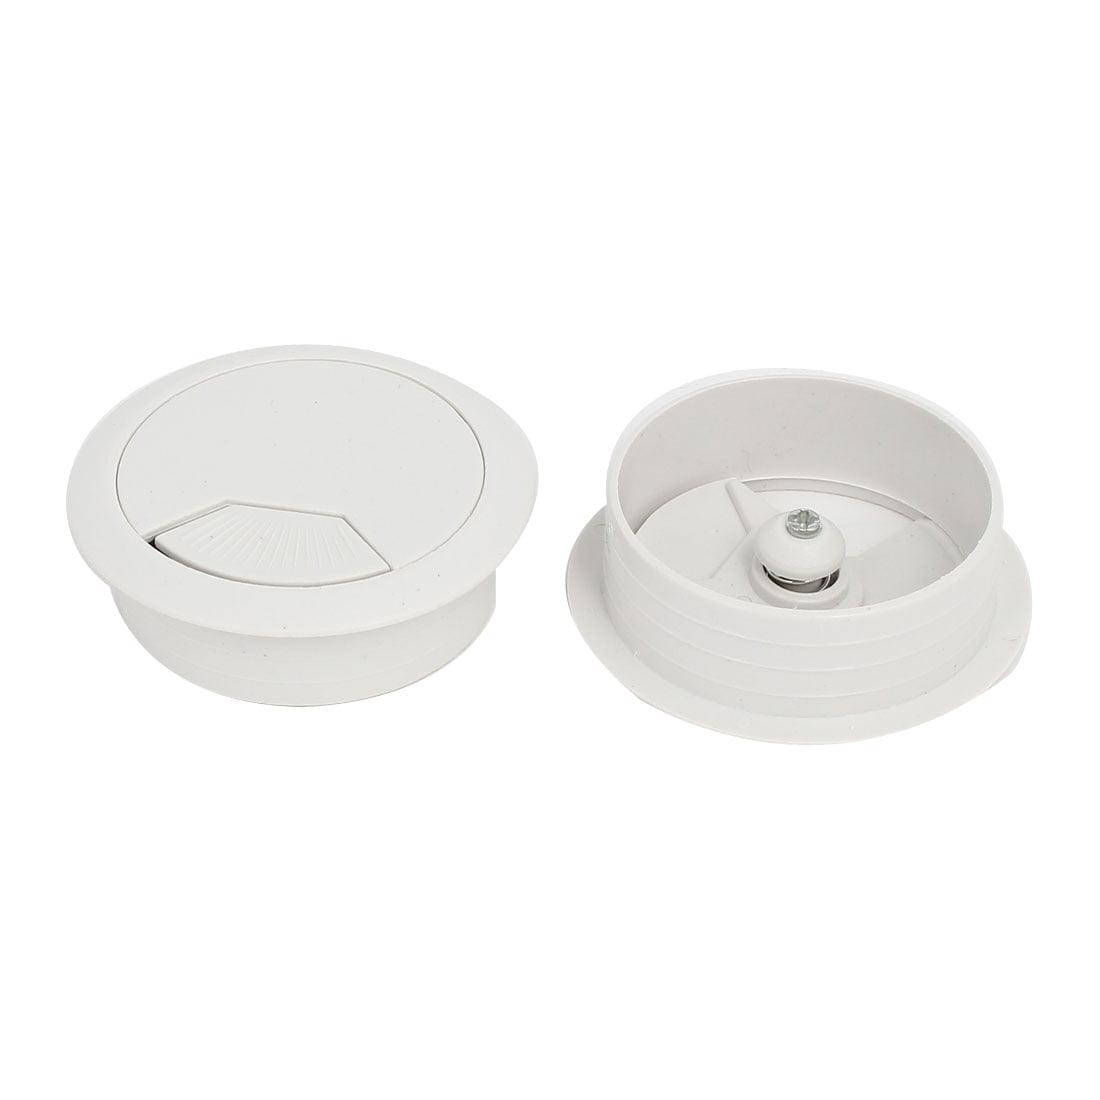 Ordinateur Bureau Plastique Rond illet Cable Filaire Couvre-trou Blanc 50mm Diamètre 10pcs - image 1 de 3